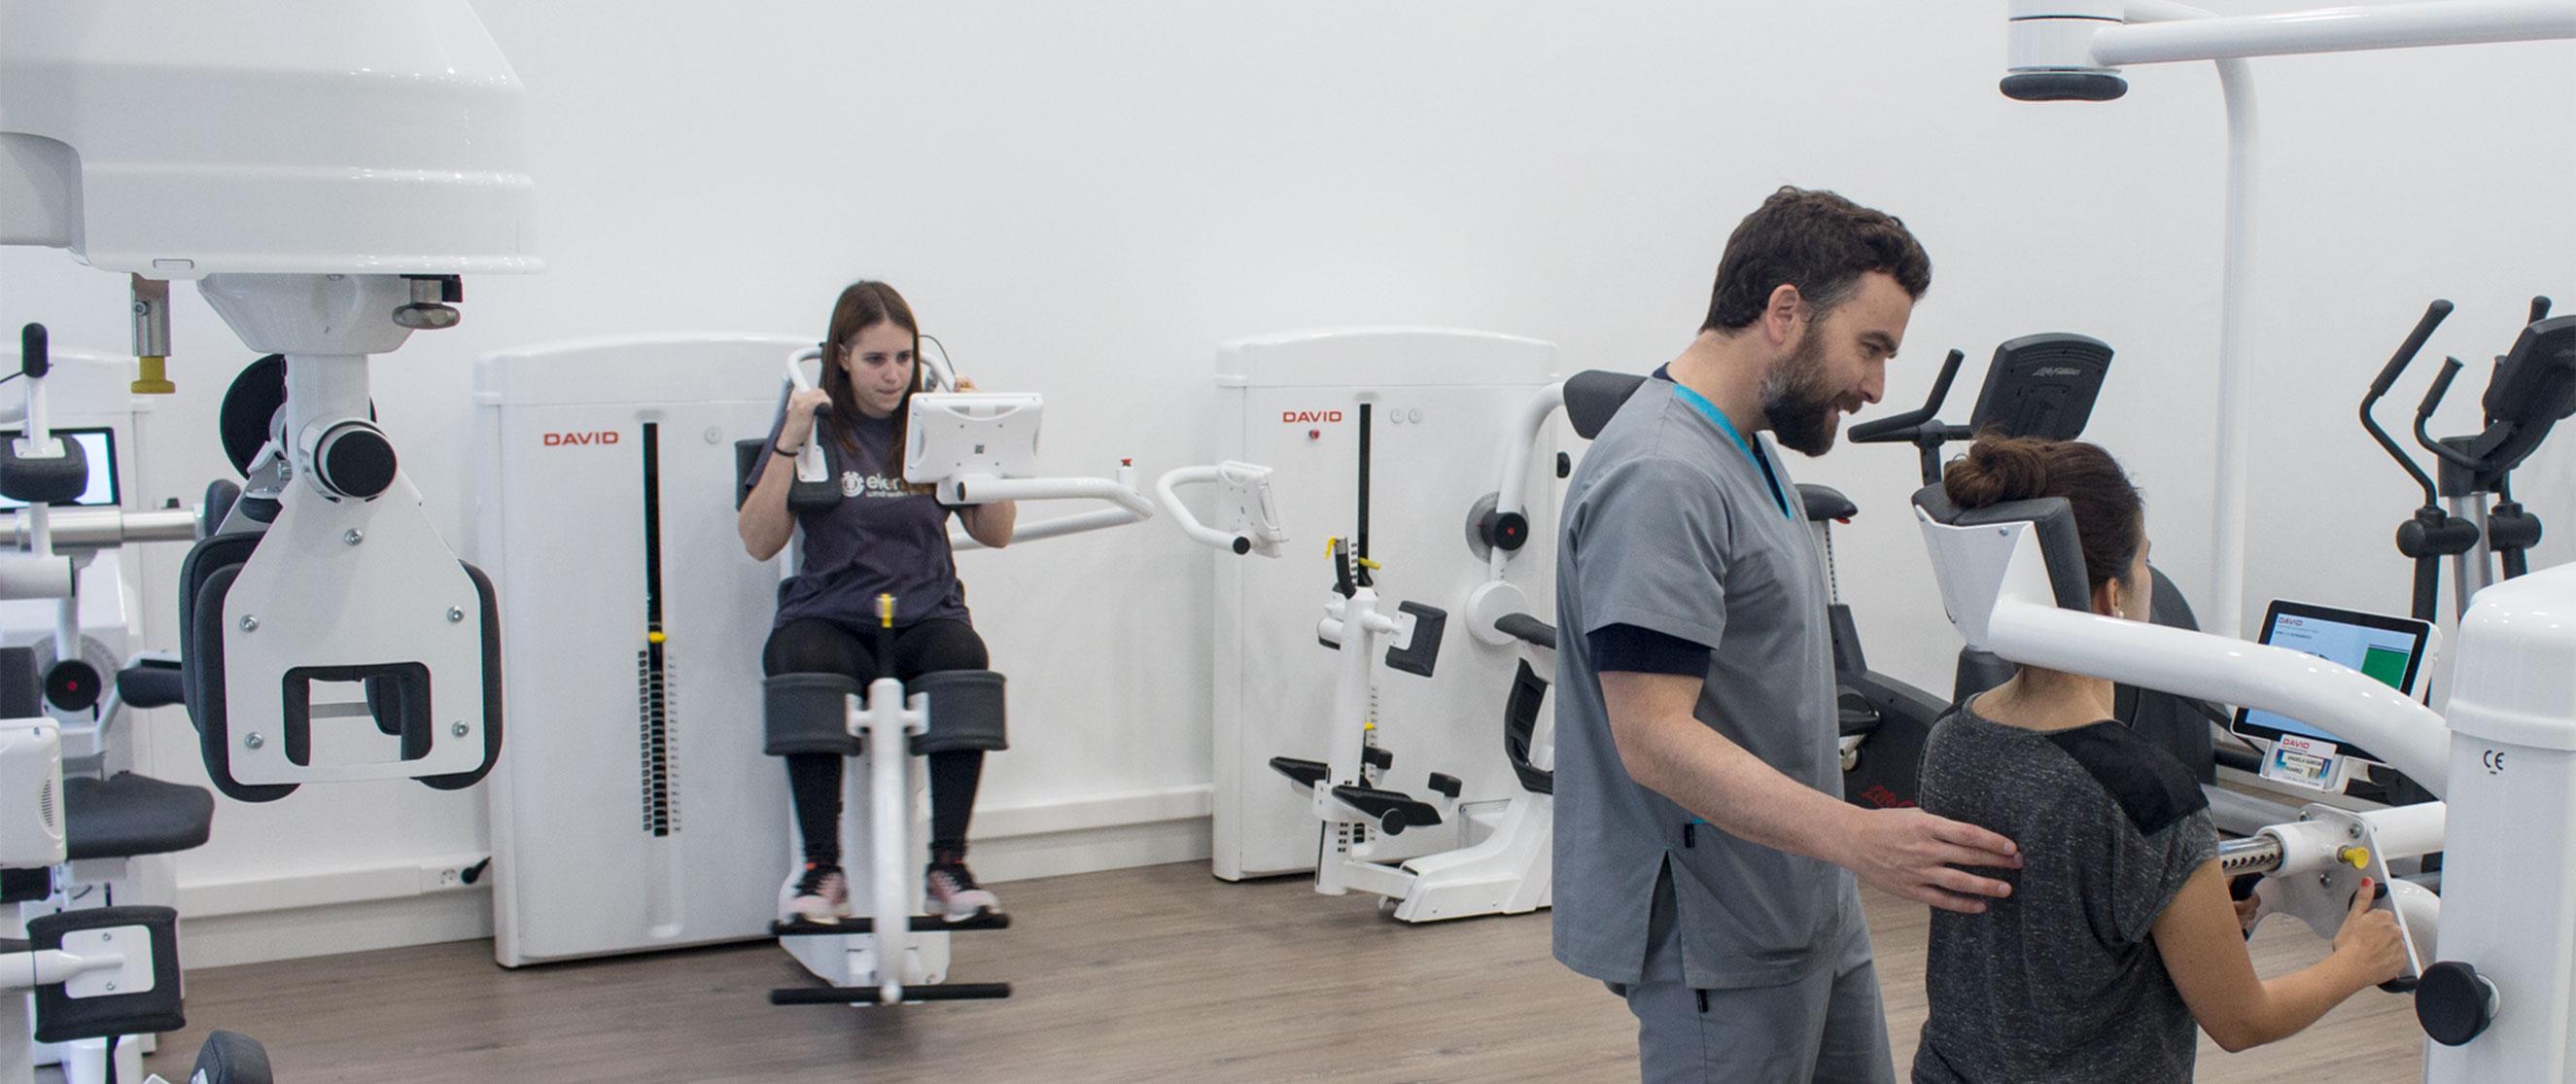 imagen Nordic Klinika para mejorar la salud laboral Vitoria